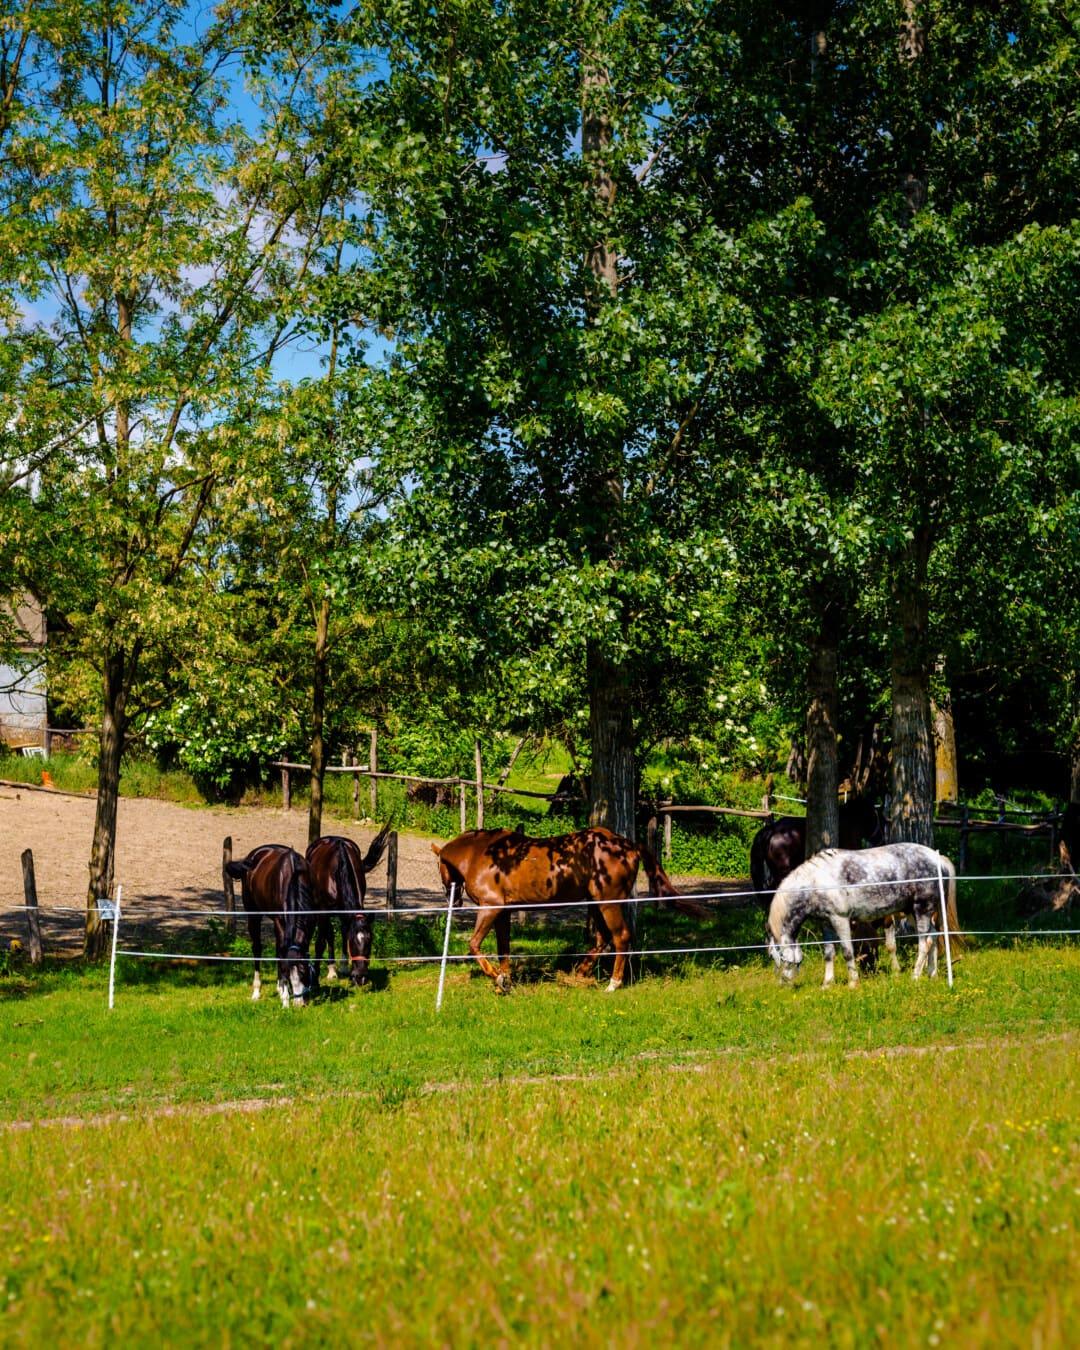 domestique, chevaux, bétail, les terres agricoles, Ranch, bovins, animaux, pâturage, arbre, rural